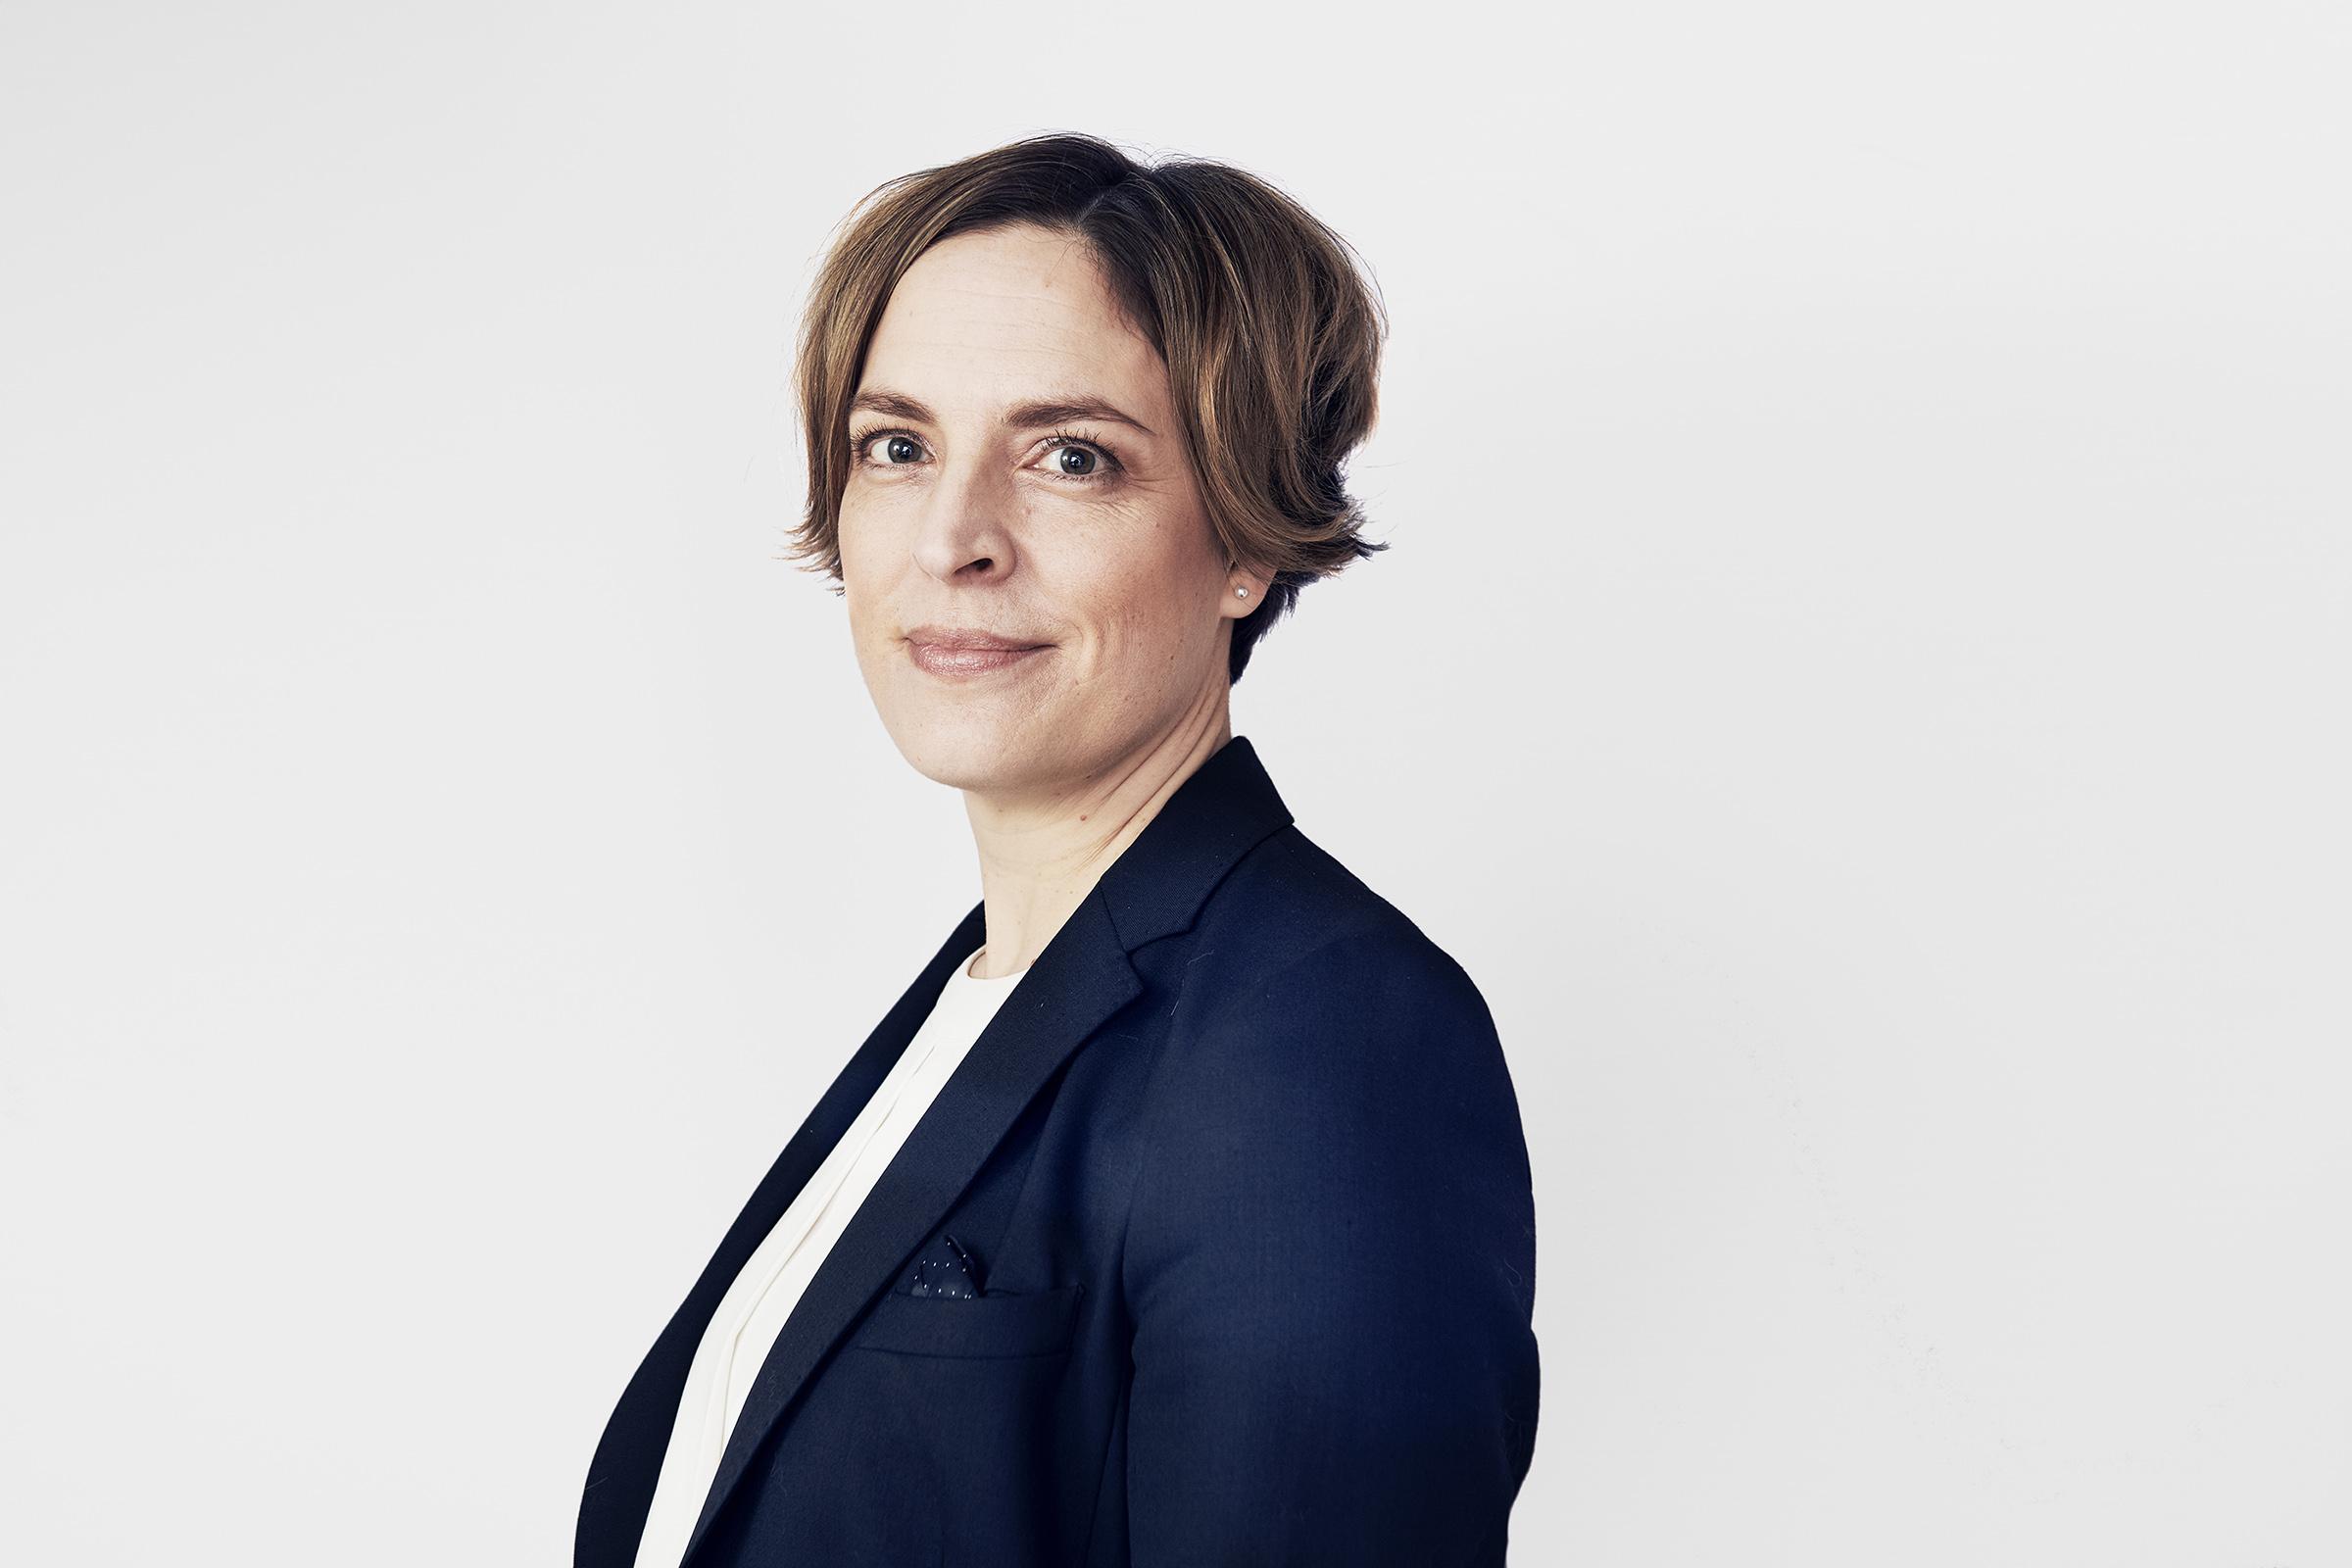 Helen Blomqvist ist neue Präsidentin von Sandvik Coromant